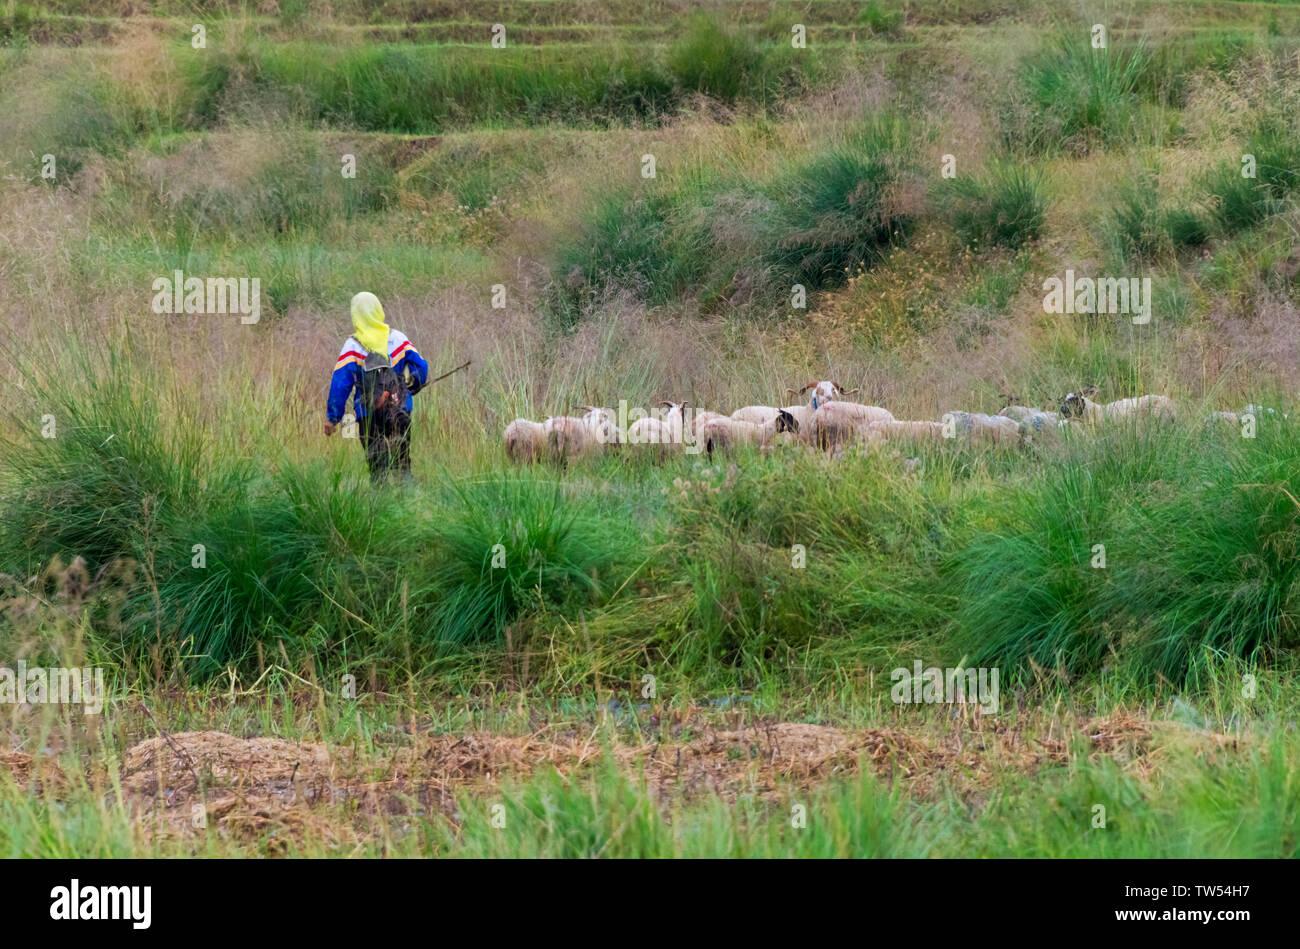 Herding sheep, Zhangye, Gansu Province, China - Stock Image